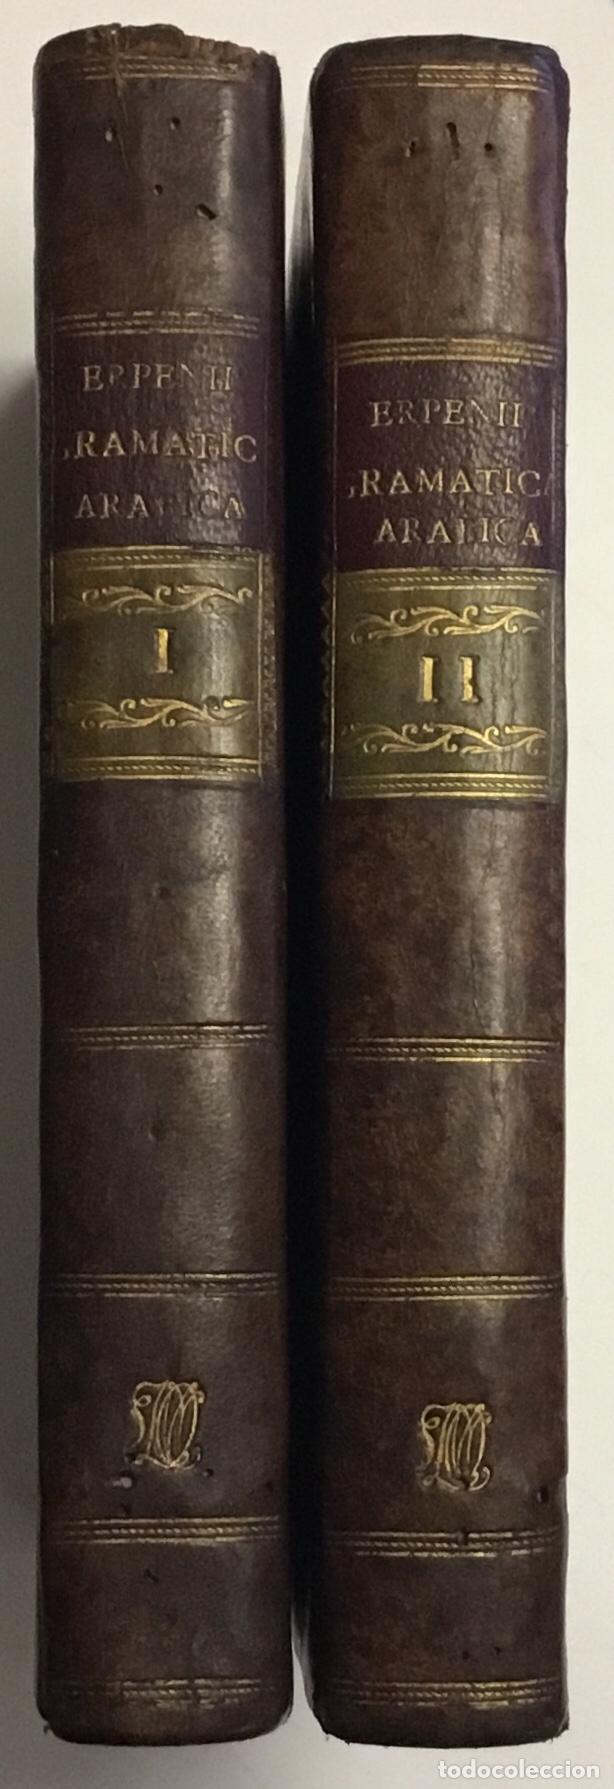 Libros antiguos: GRAMMATICA ARABICA cum fabulis Locmanni, etc.; accedunt excerpta anthologiae veterum Arabiae poetaru - Foto 2 - 142425469